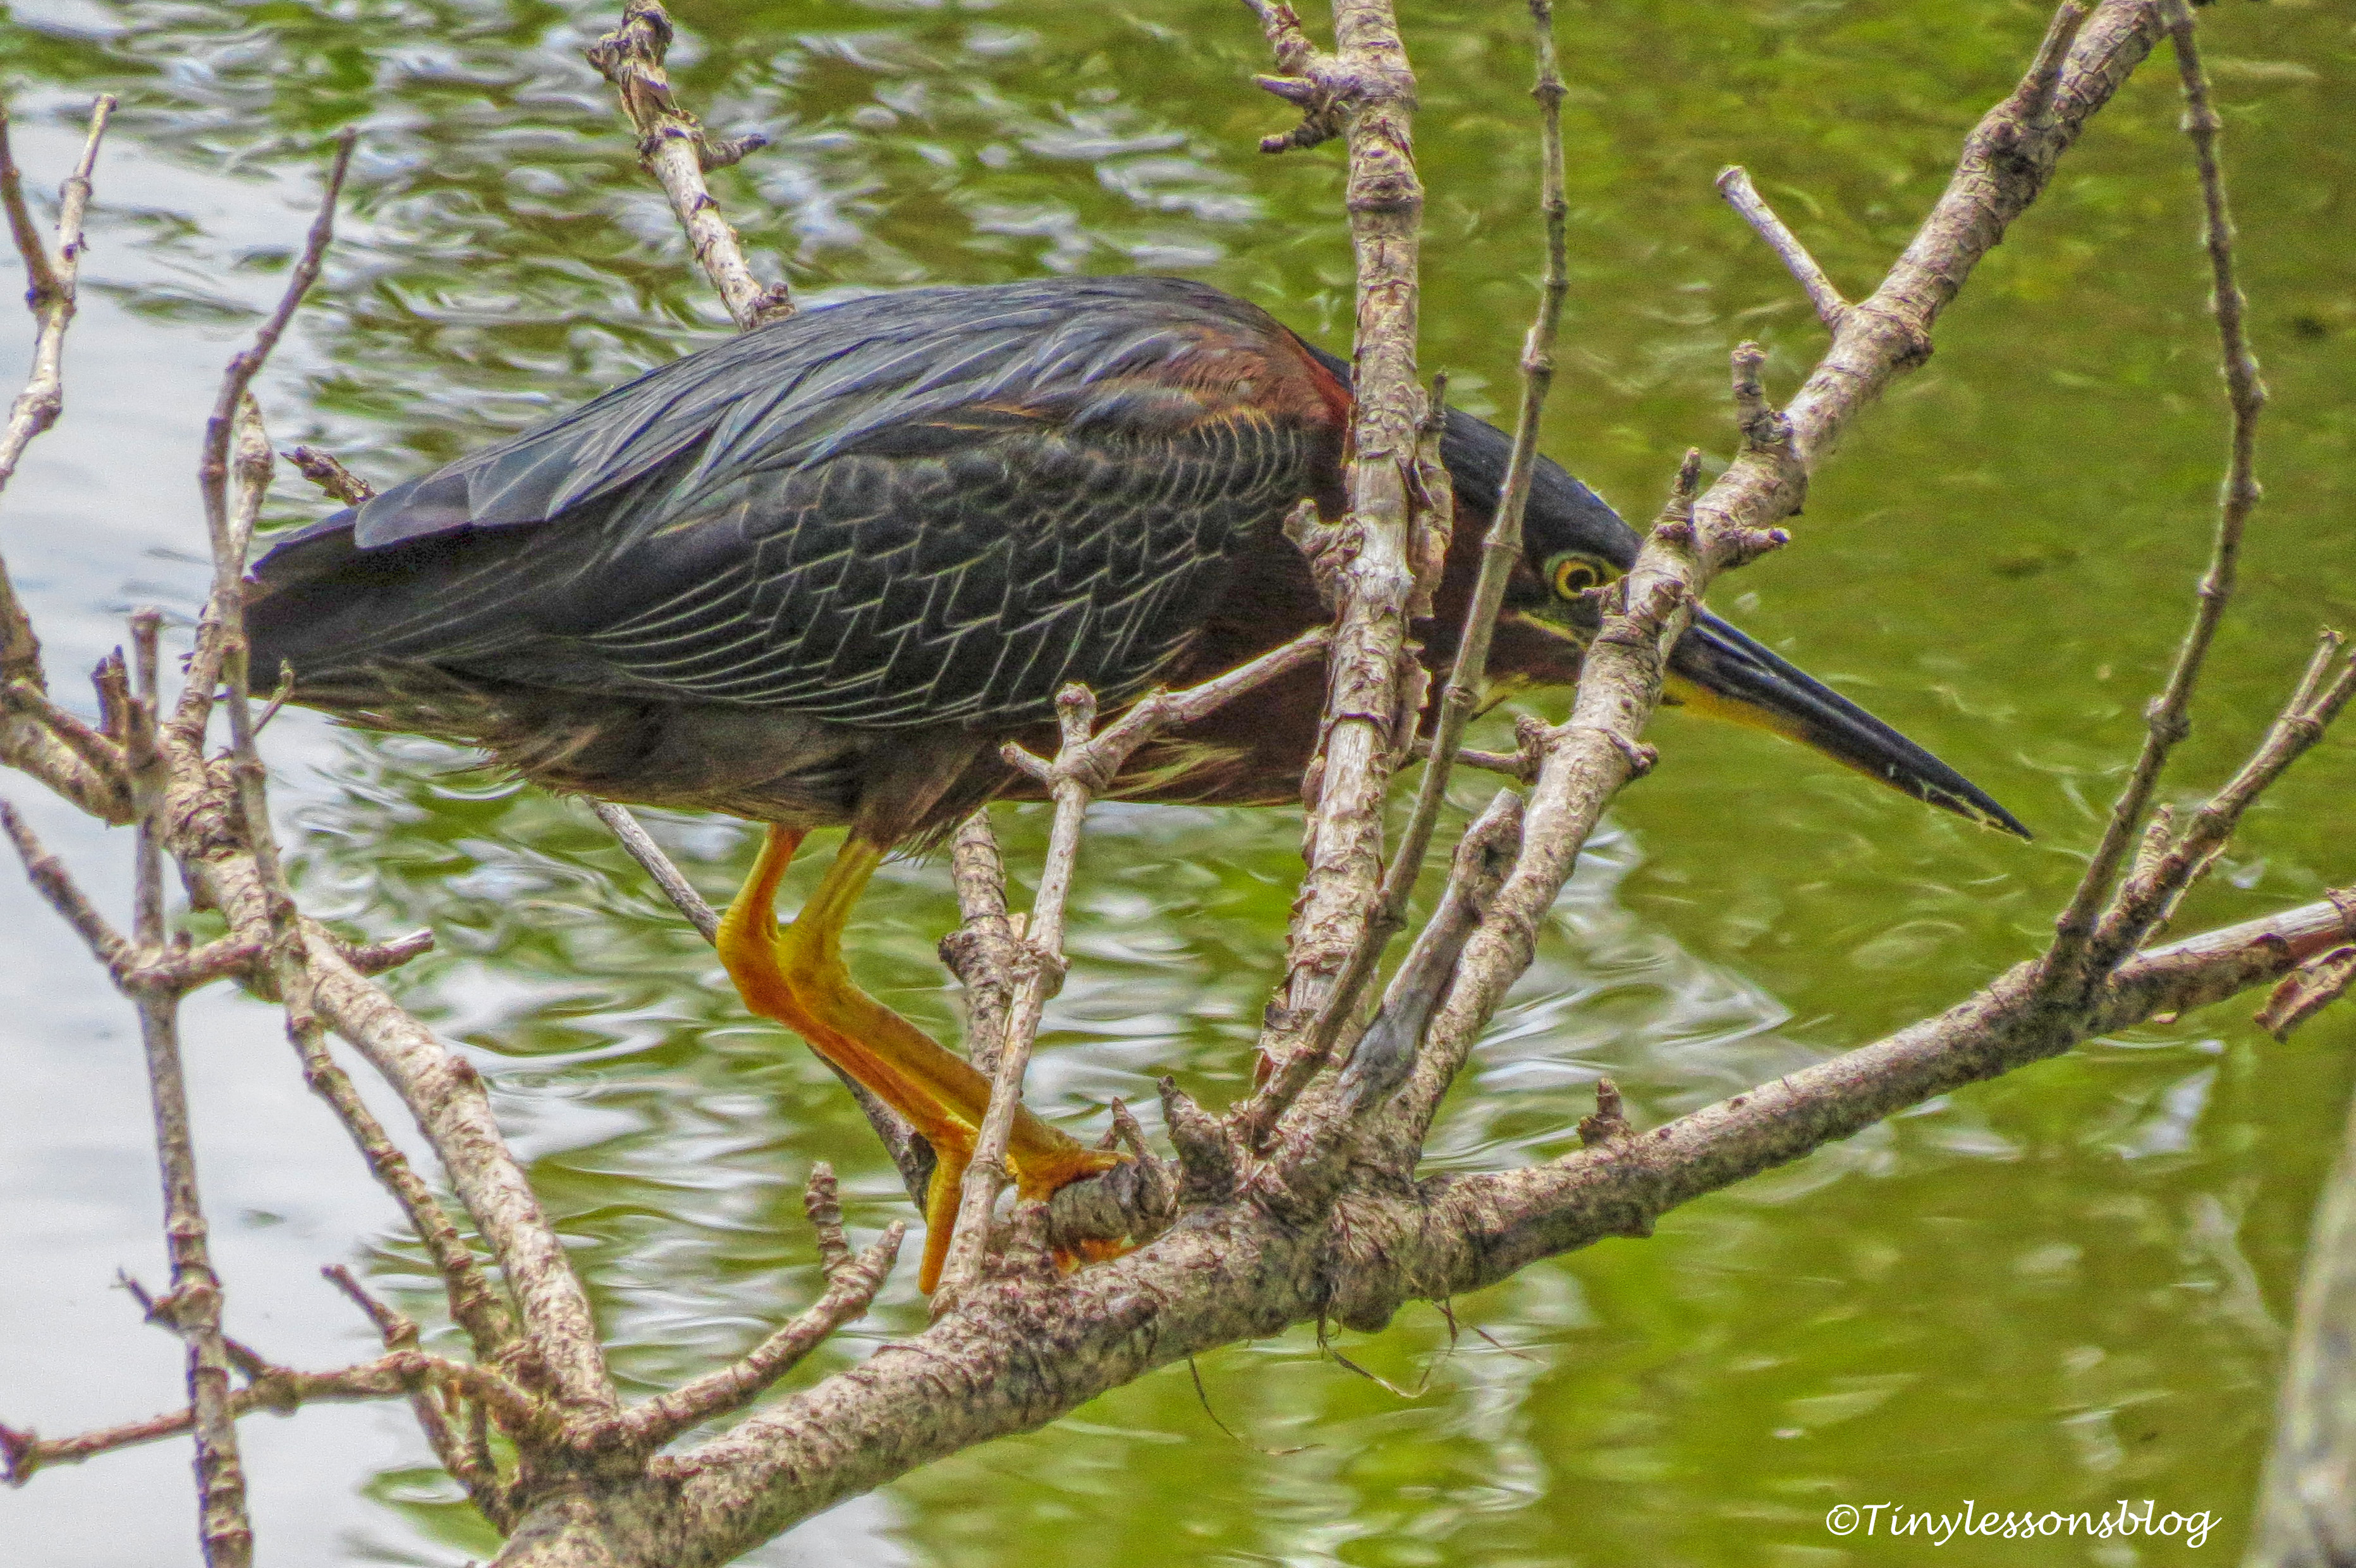 Juvenile Green Heron UD161